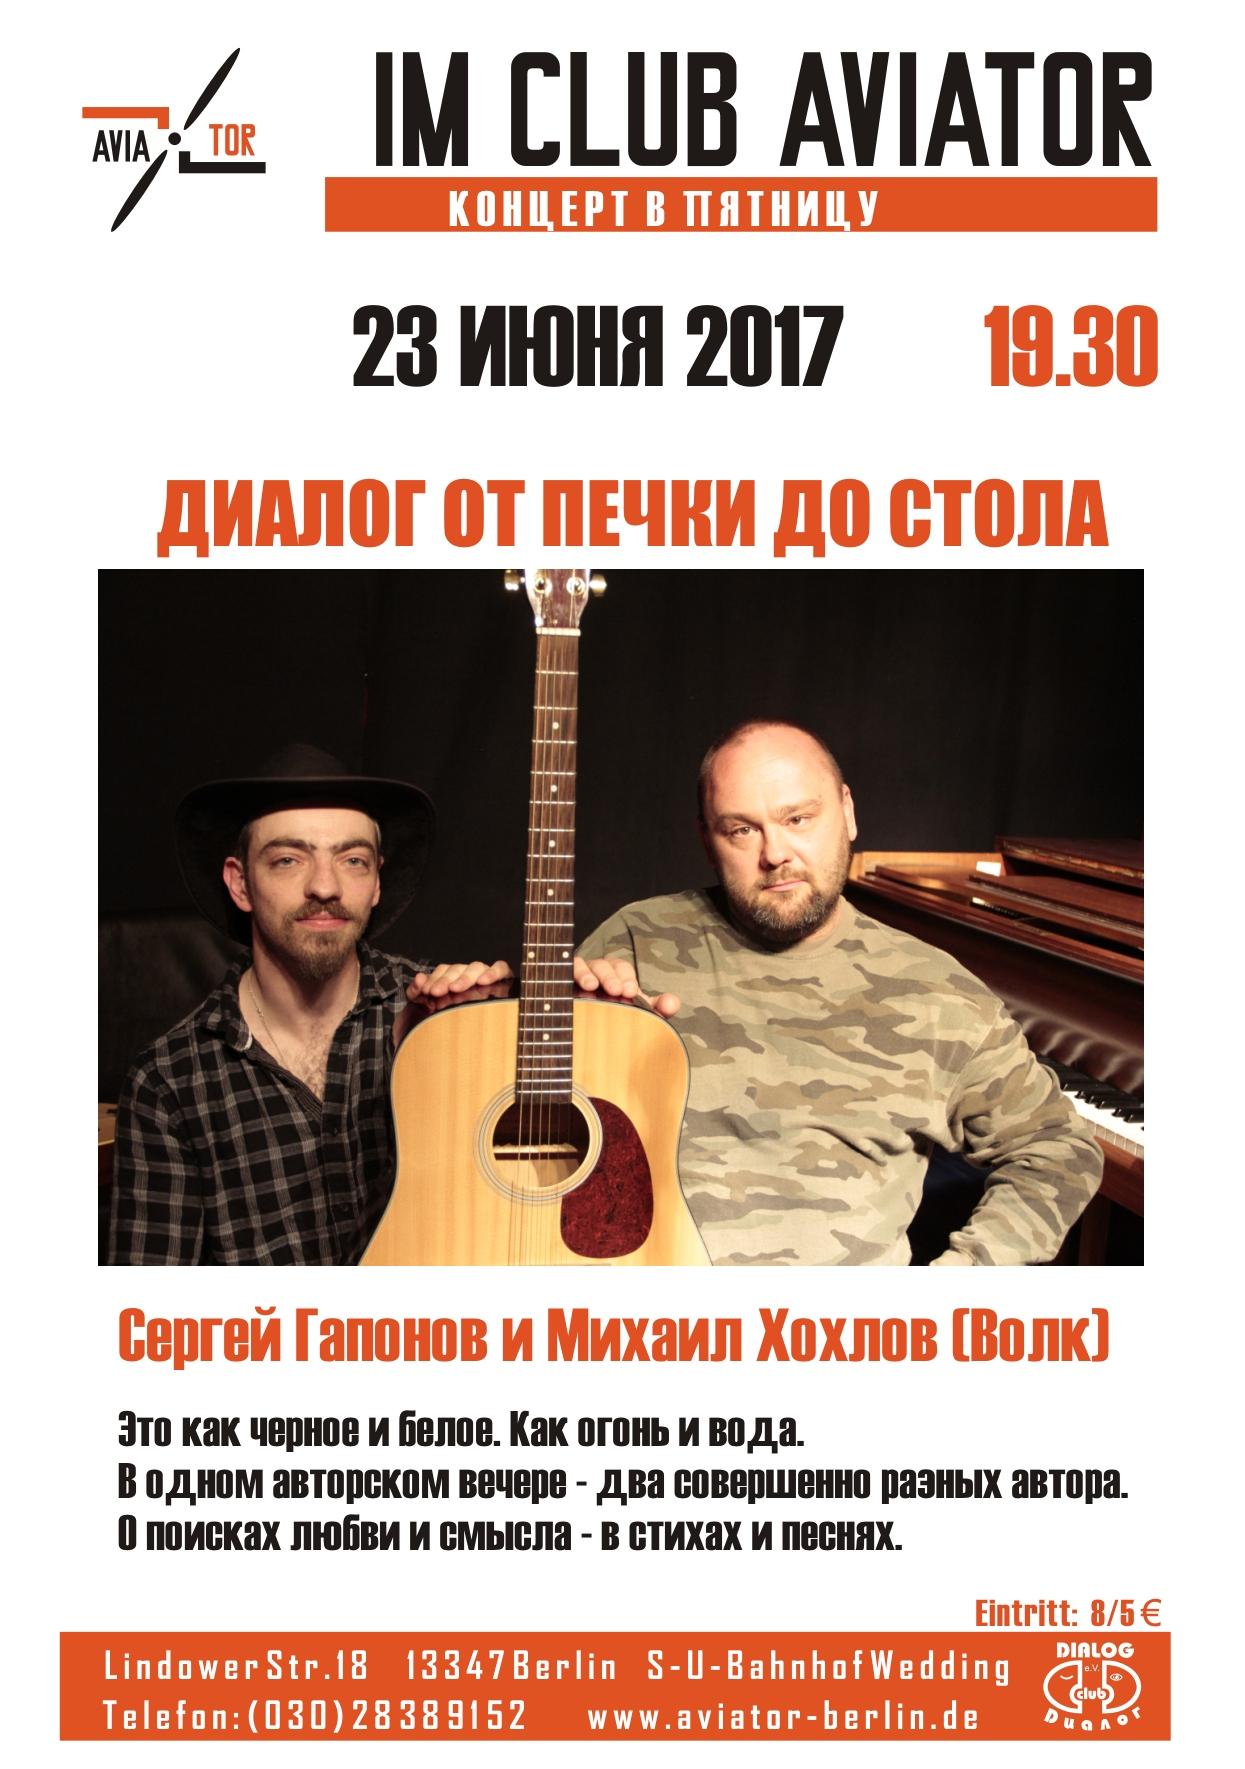 gaponov plakat ru web